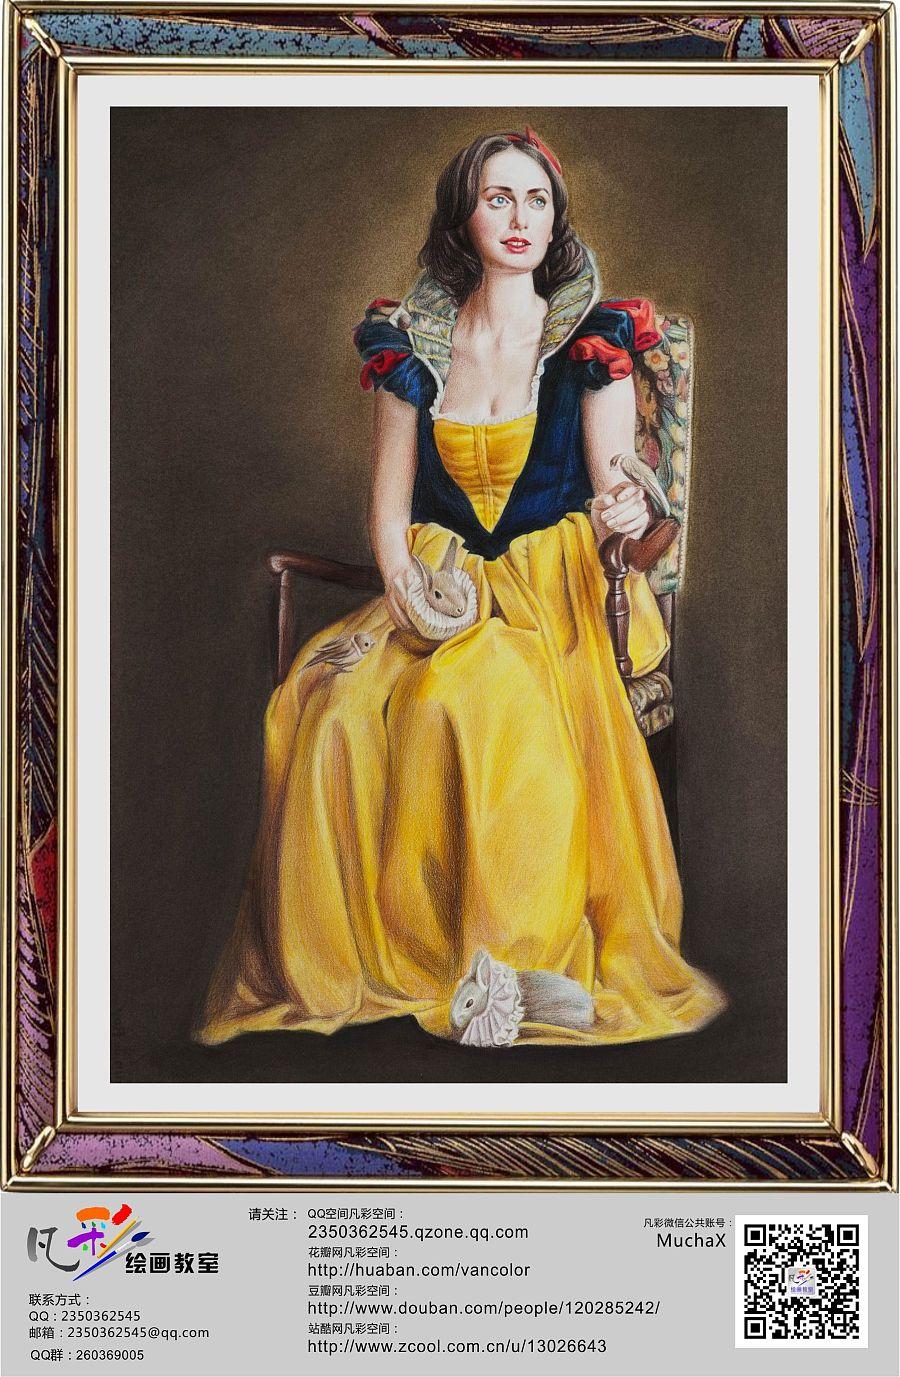 白雪公主 彩铅 纯艺术 凡彩手绘 - 原创设计作品